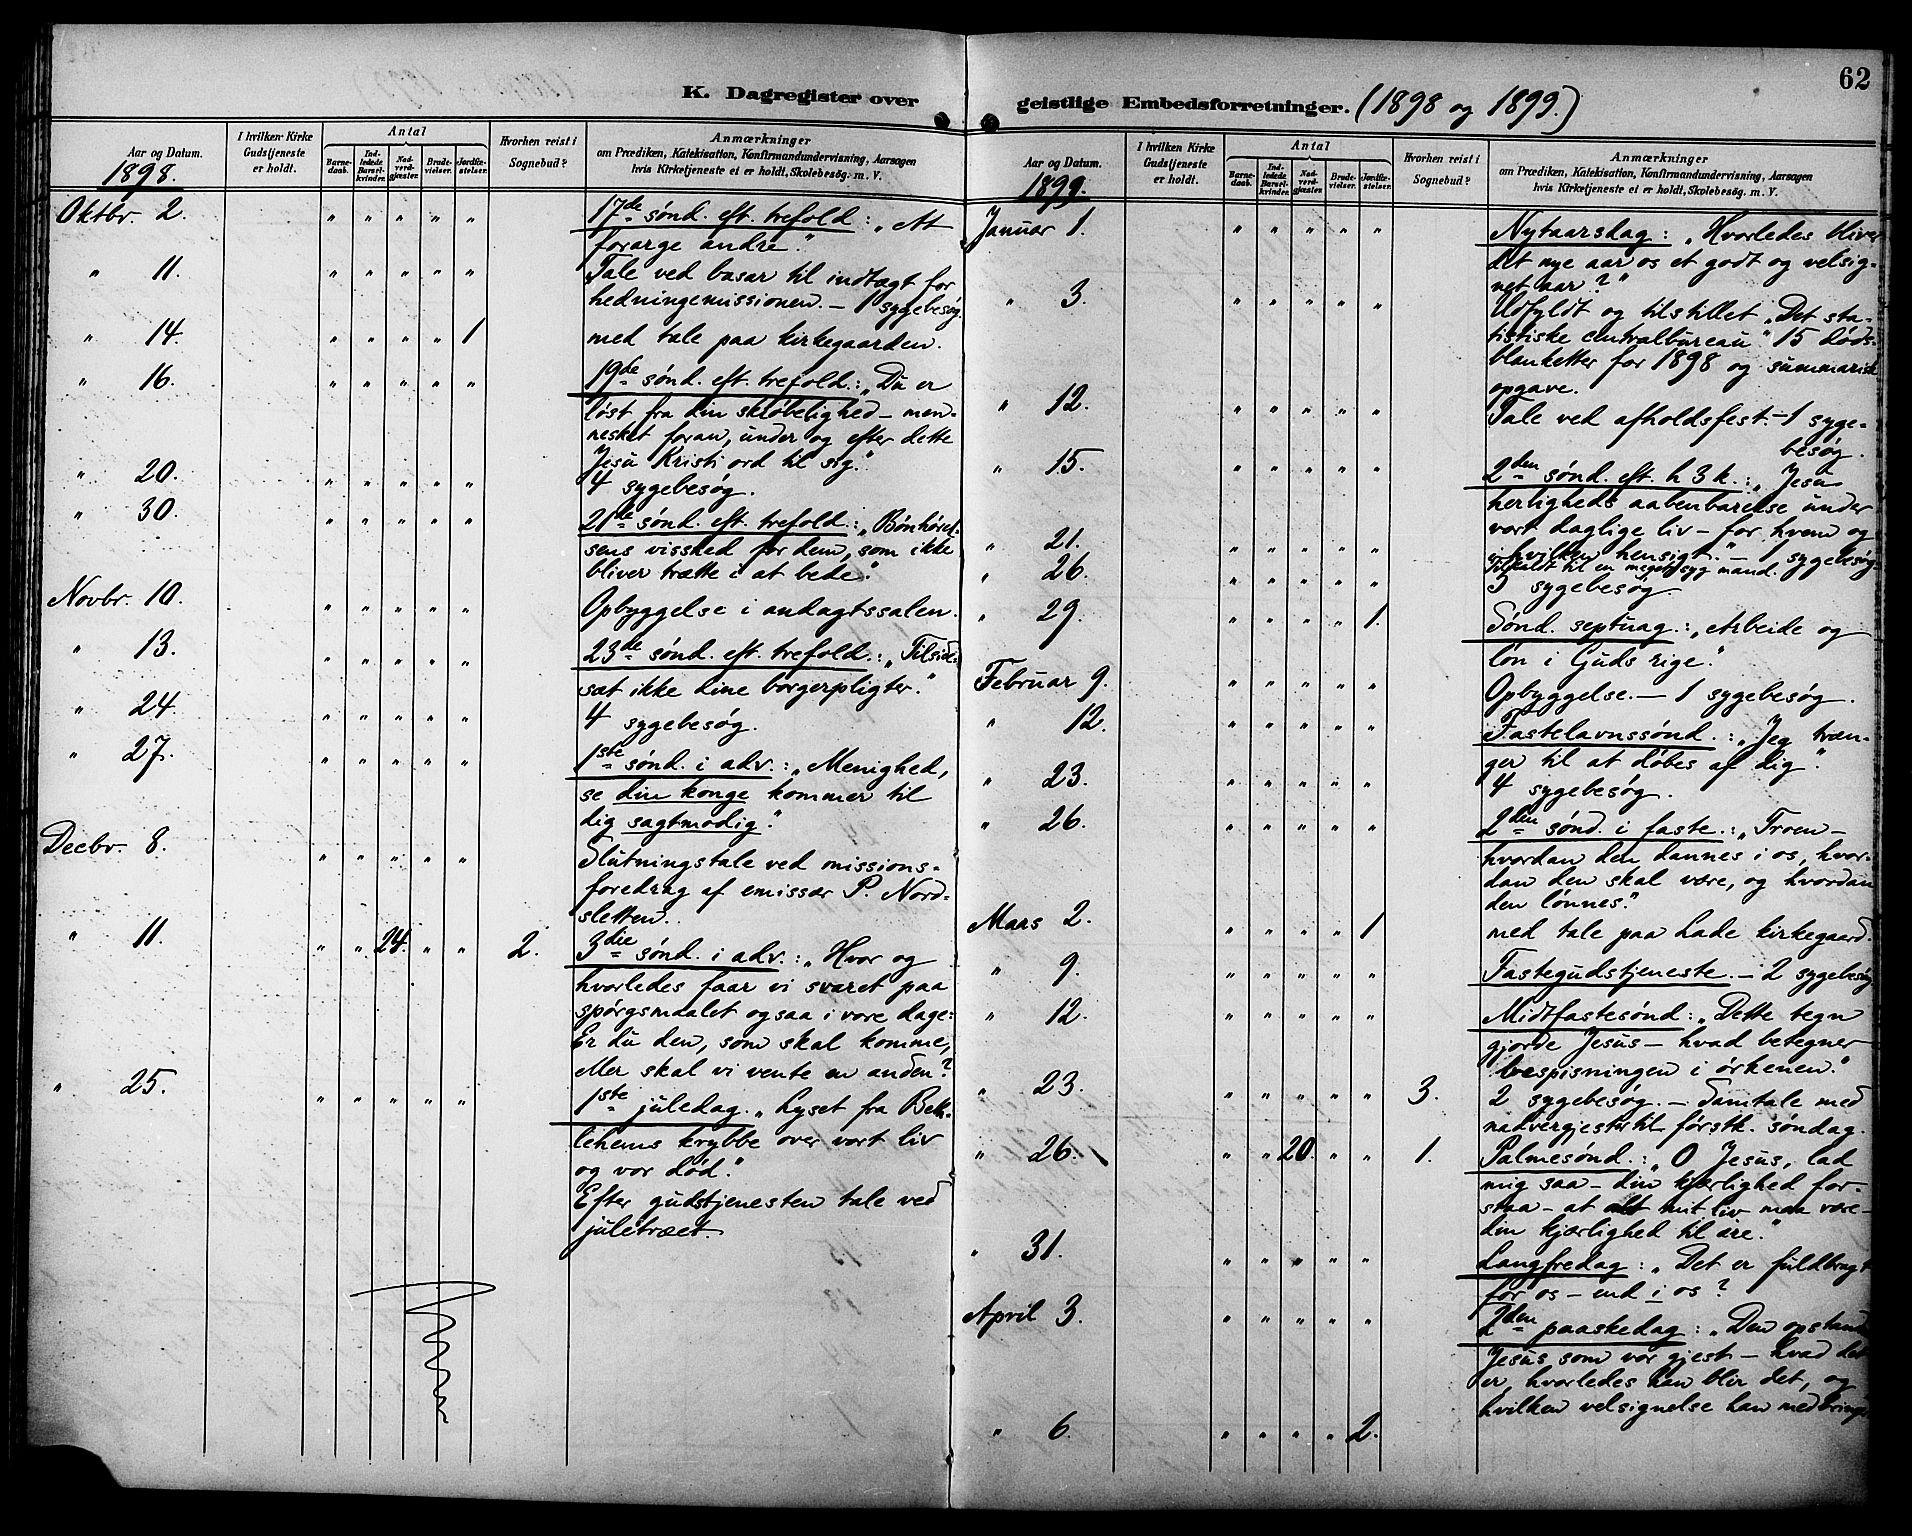 SAT, Ministerialprotokoller, klokkerbøker og fødselsregistre - Sør-Trøndelag, 629/L0486: Ministerialbok nr. 629A02, 1894-1919, s. 62